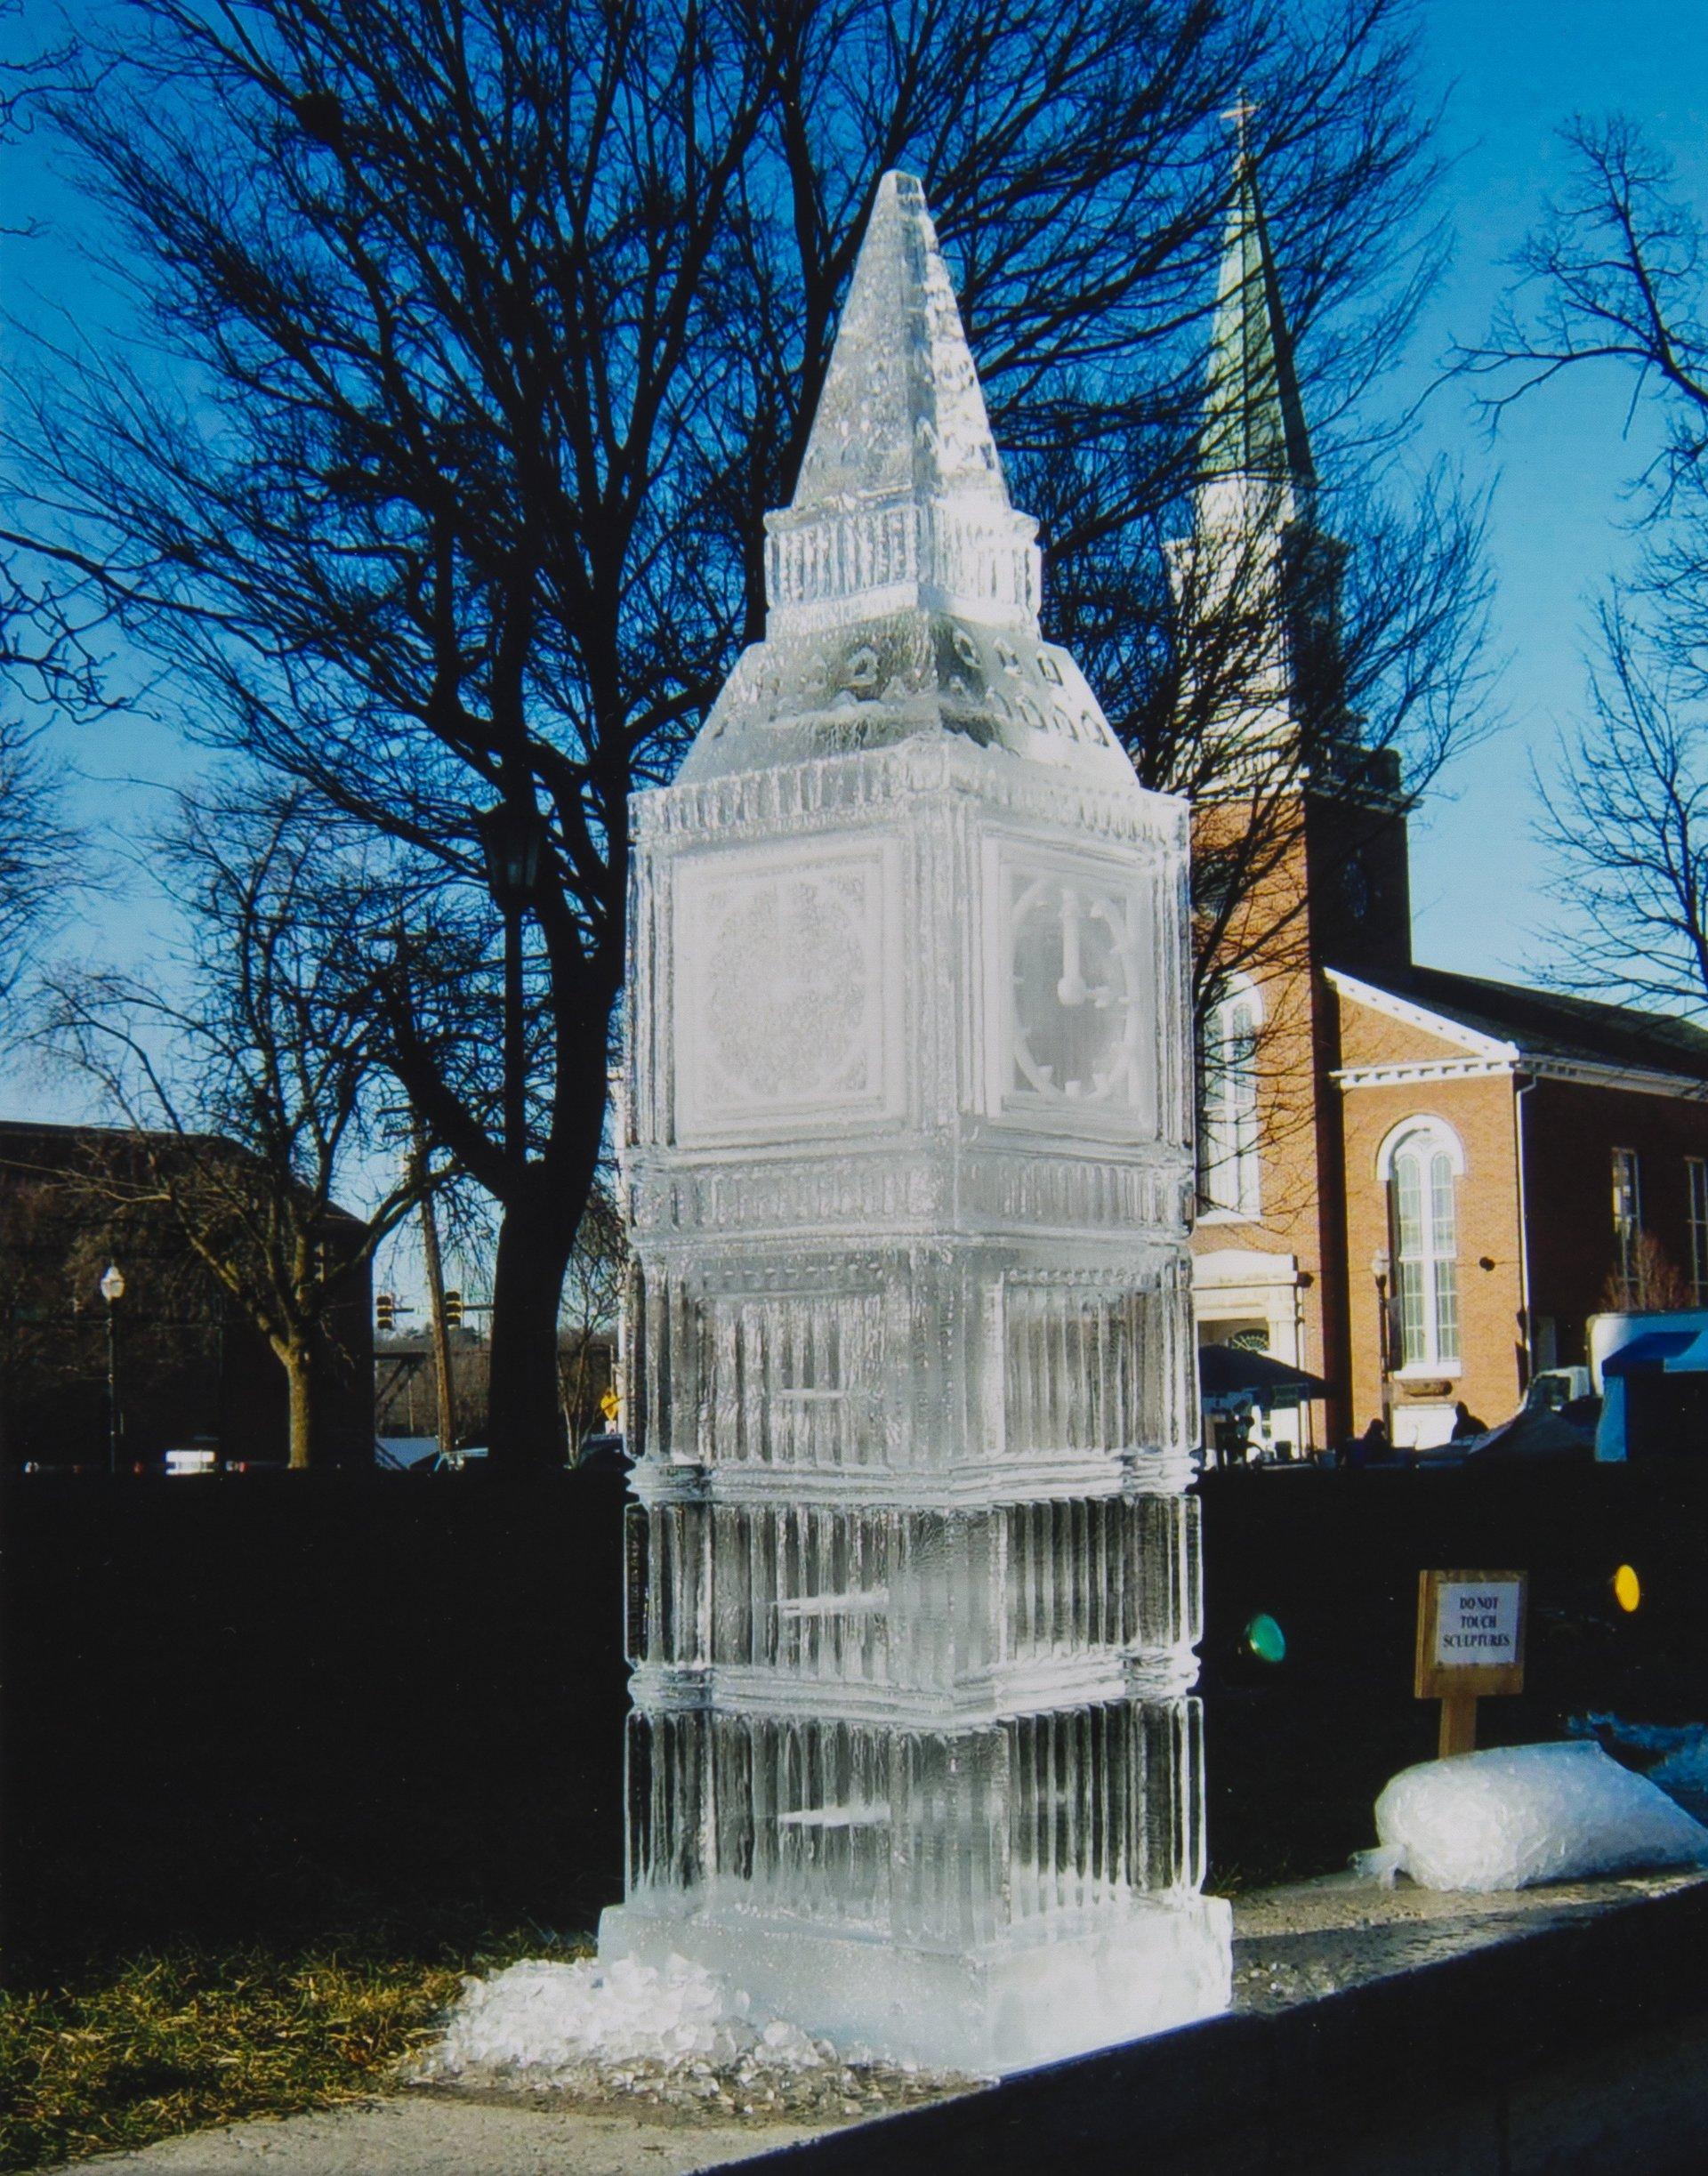 Ice fest Hamilton ohio